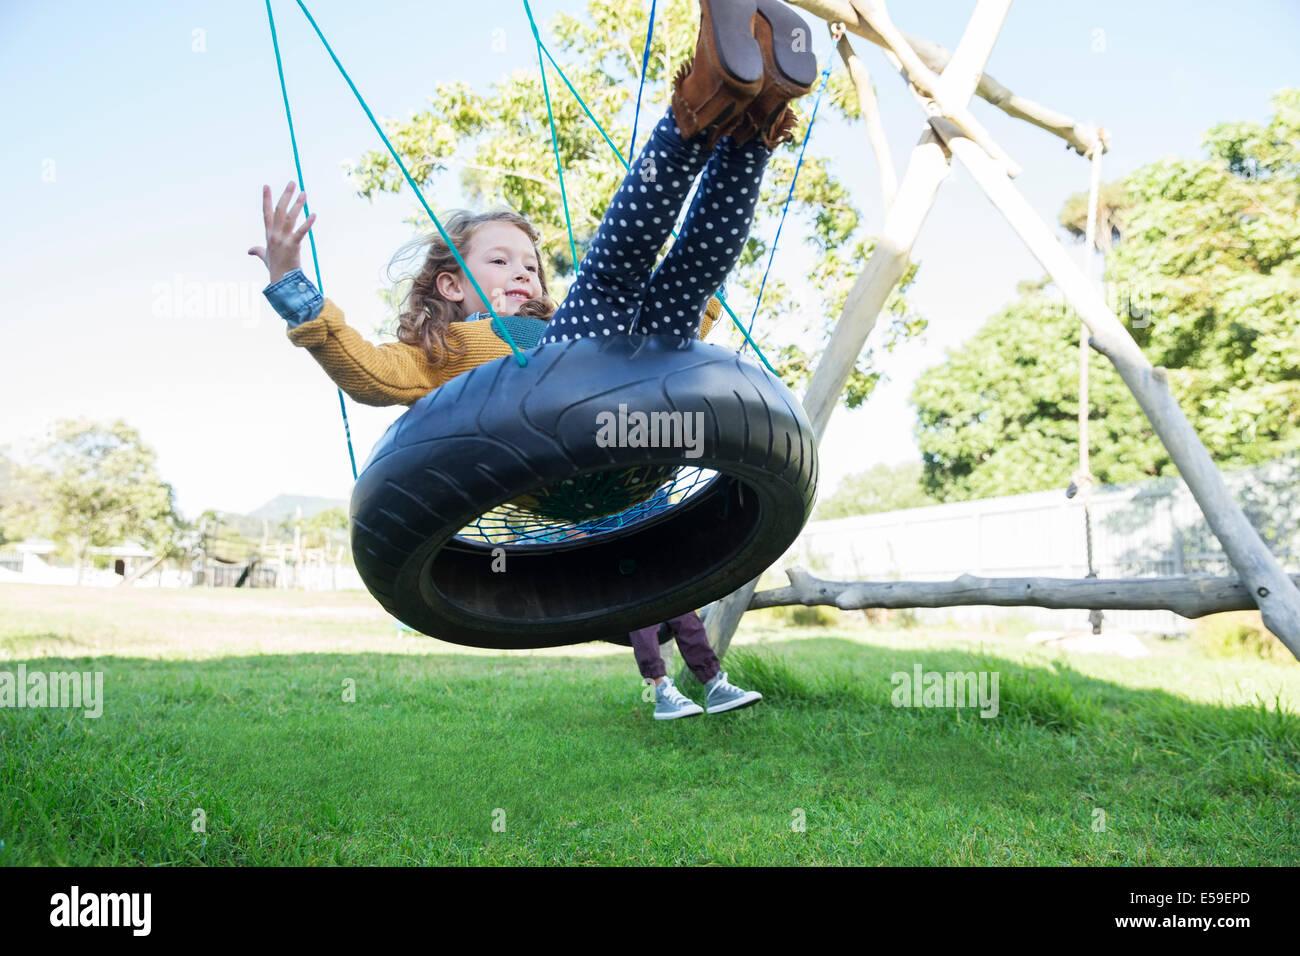 Les enfants jouant sur les balançoires pneu Photo Stock